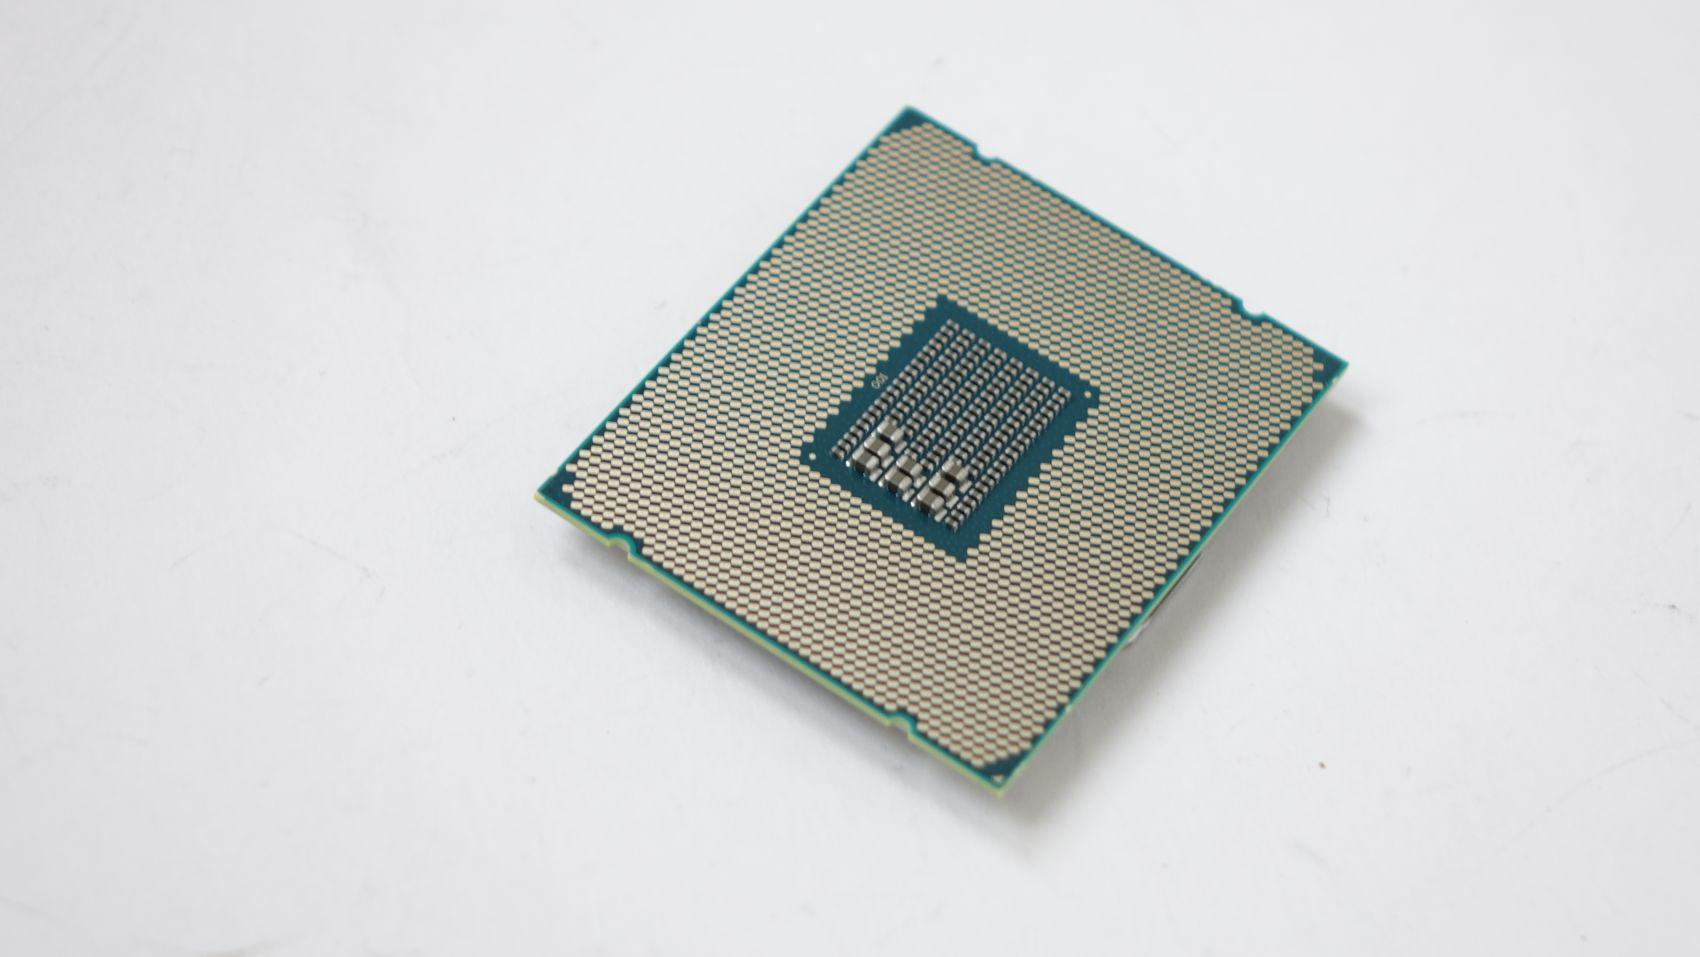 Intel Xeon E5-2620 v4 back